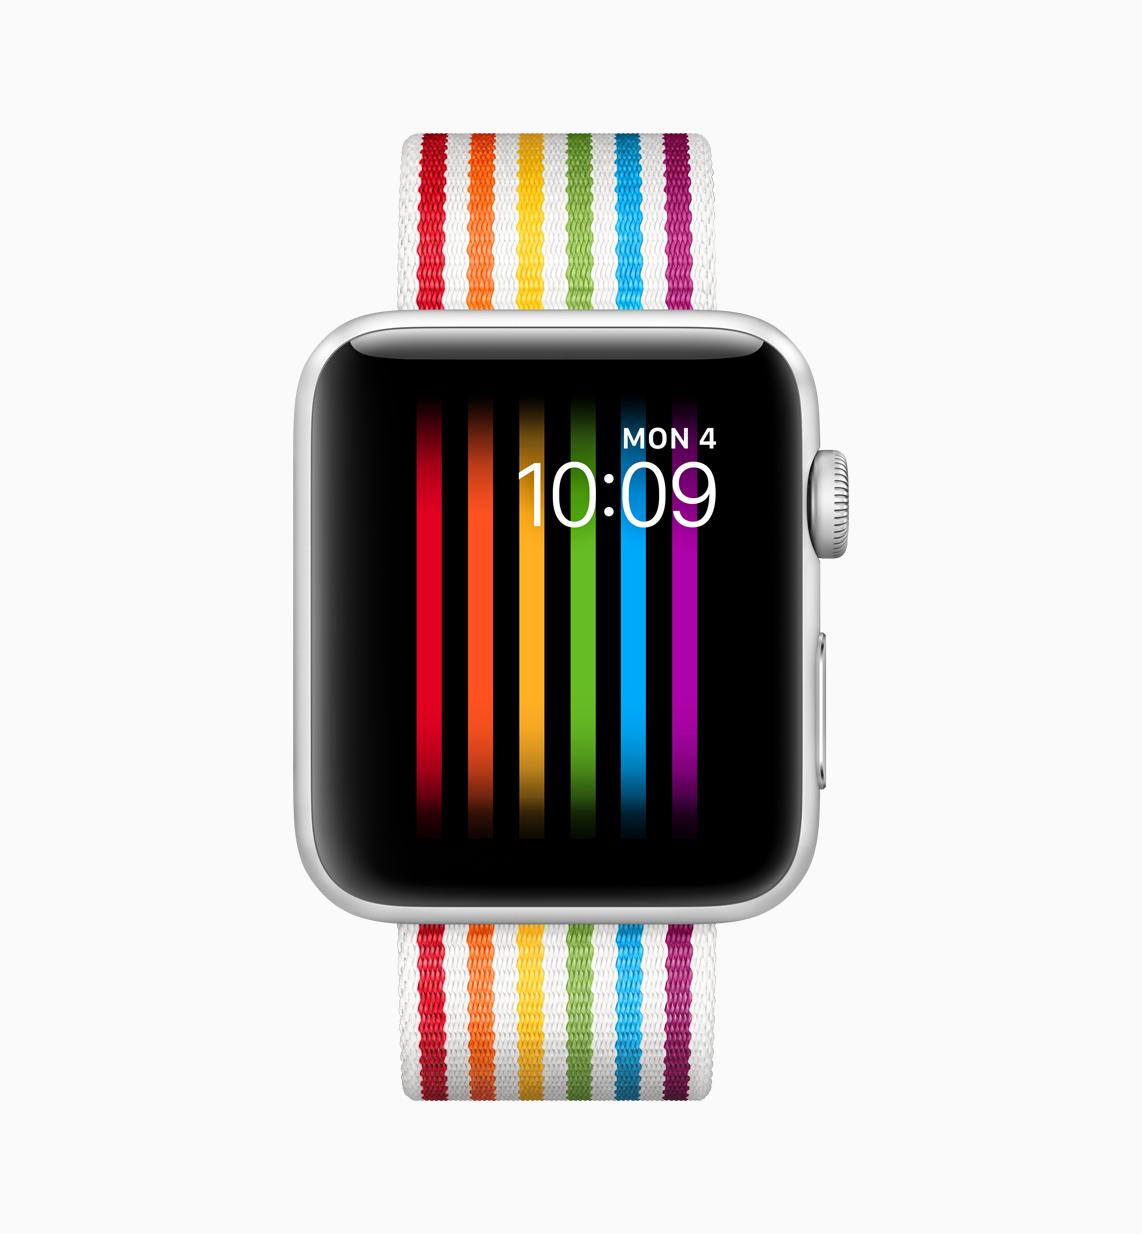 Apple-watchOS_5-Pride-Face-screen-06042018.jpg